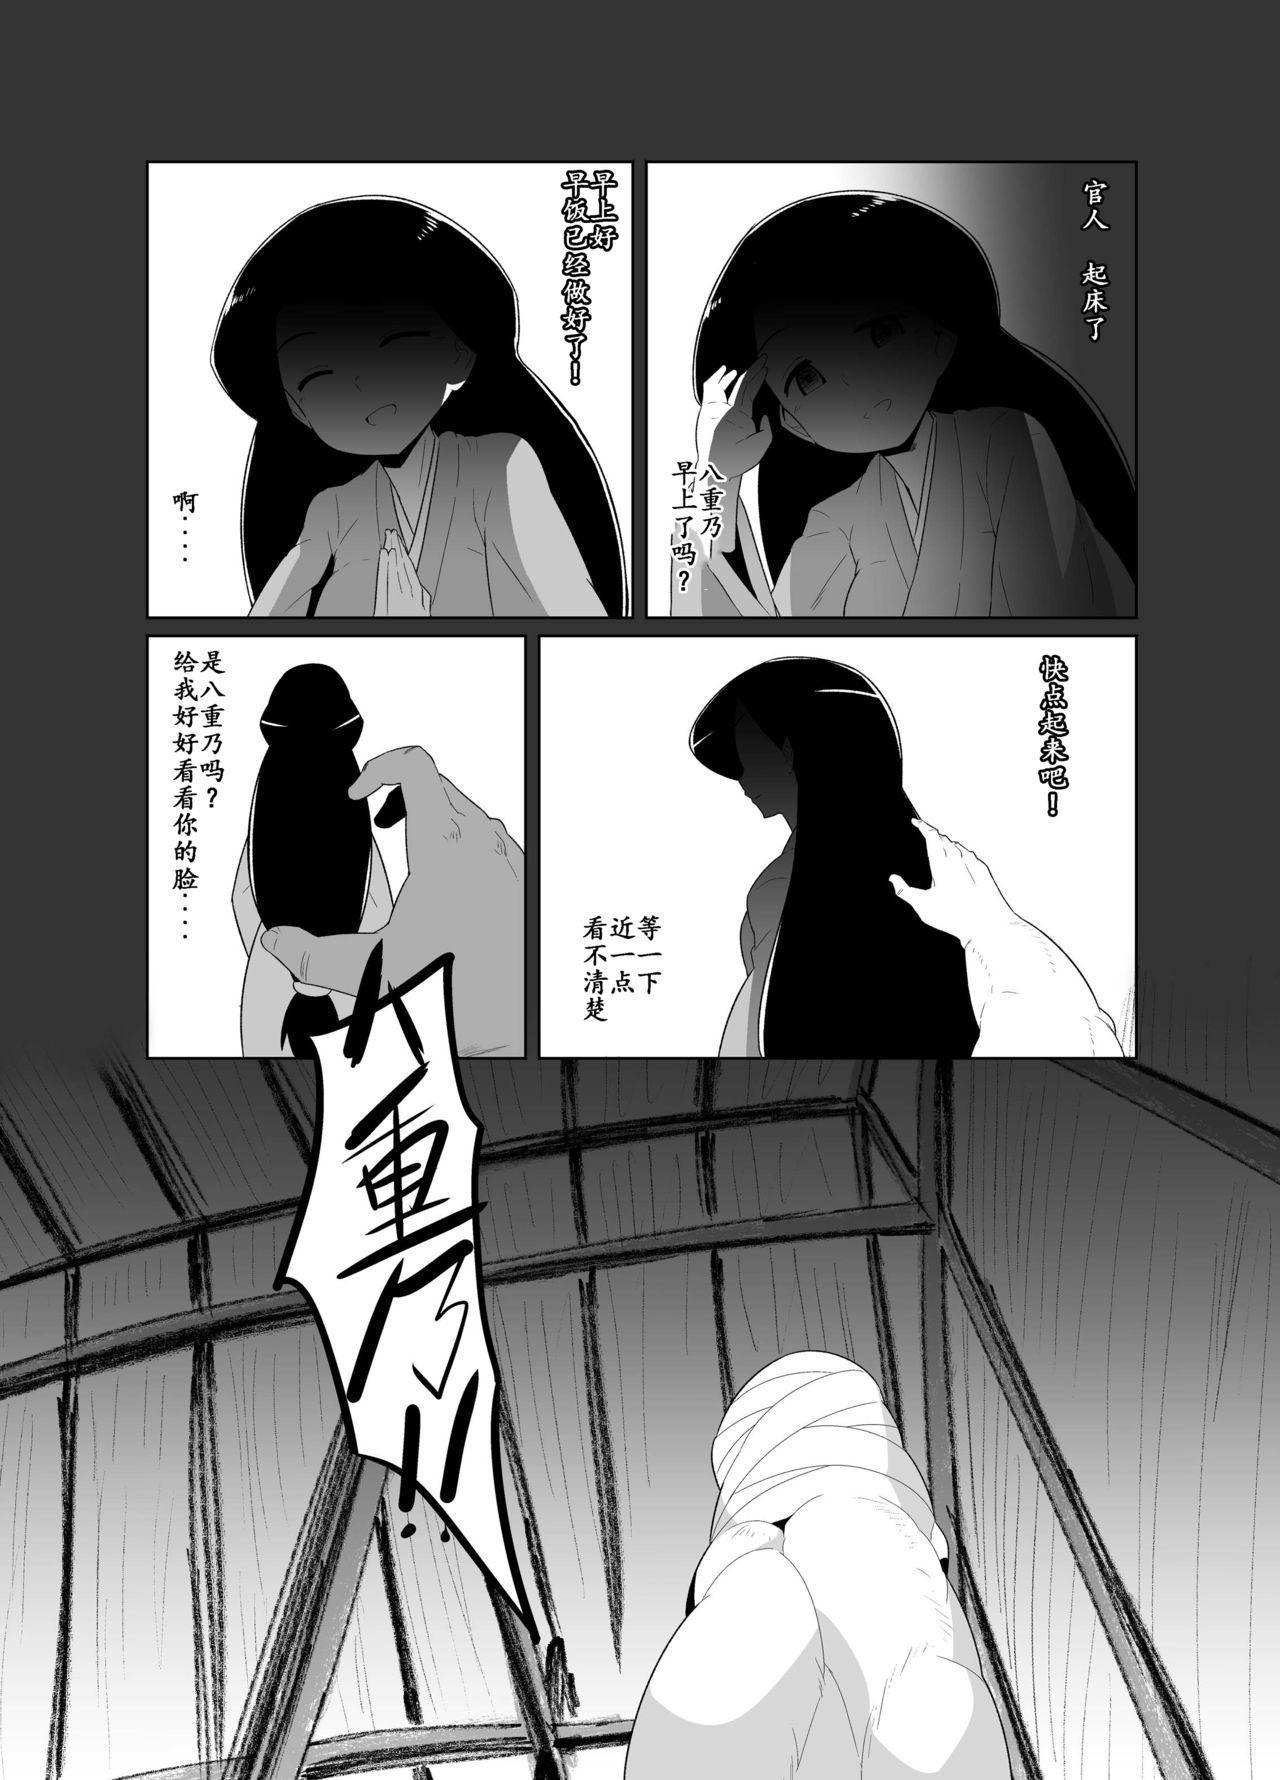 Eromanga Nihon Mukashibanashi 24